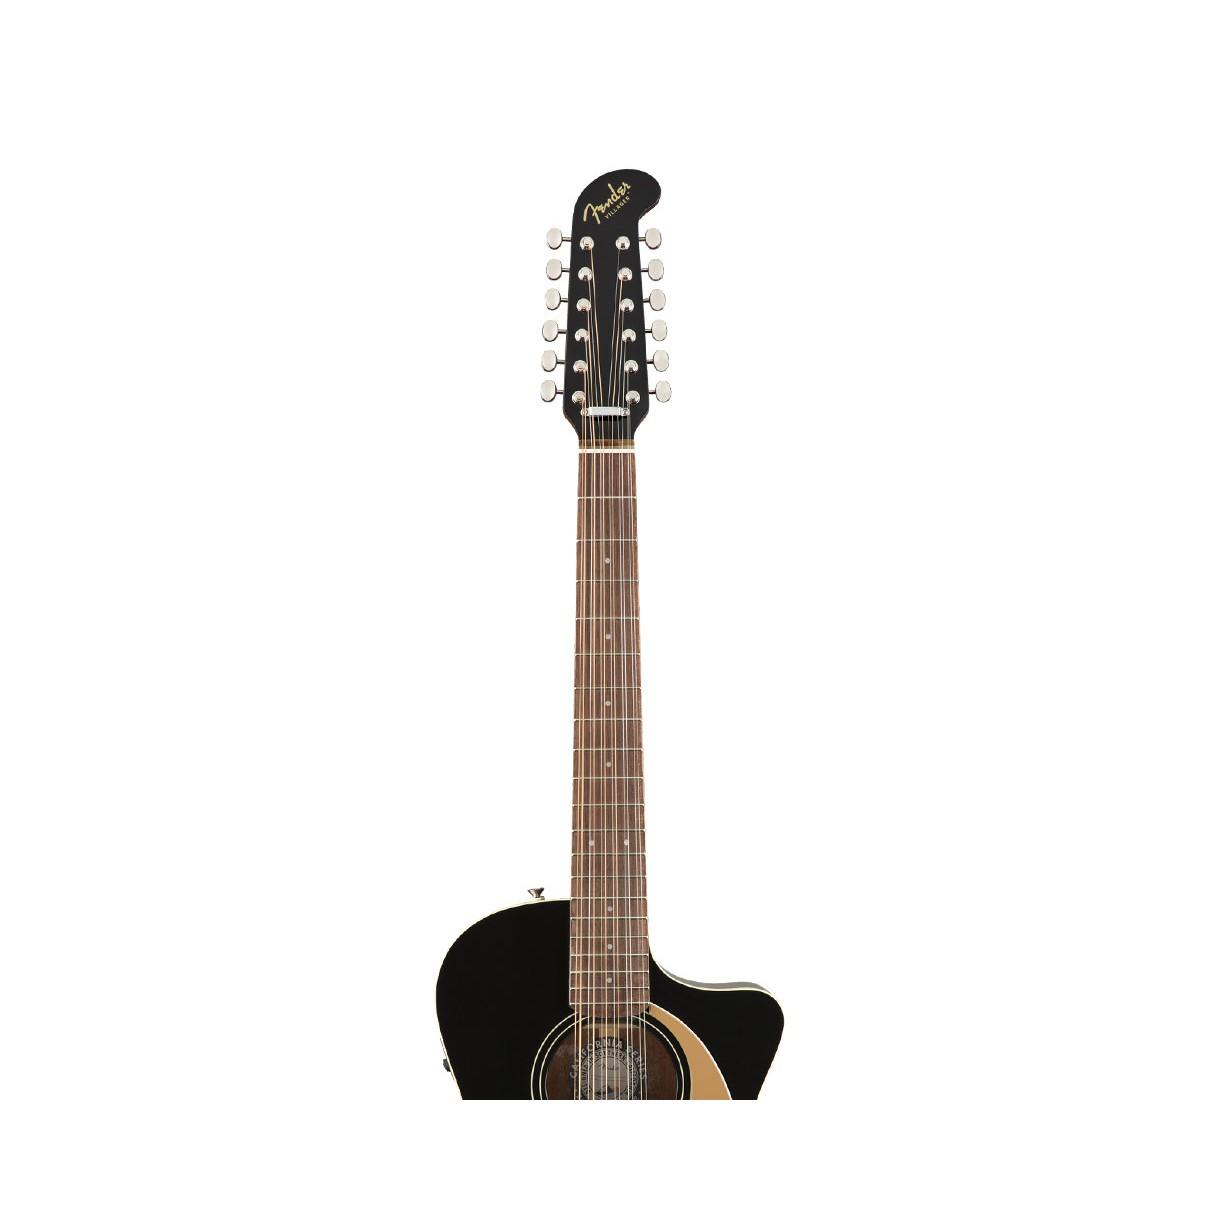 fender villager 12 string black w walnut fingerboard 12 string guitars acoustic guitars. Black Bedroom Furniture Sets. Home Design Ideas